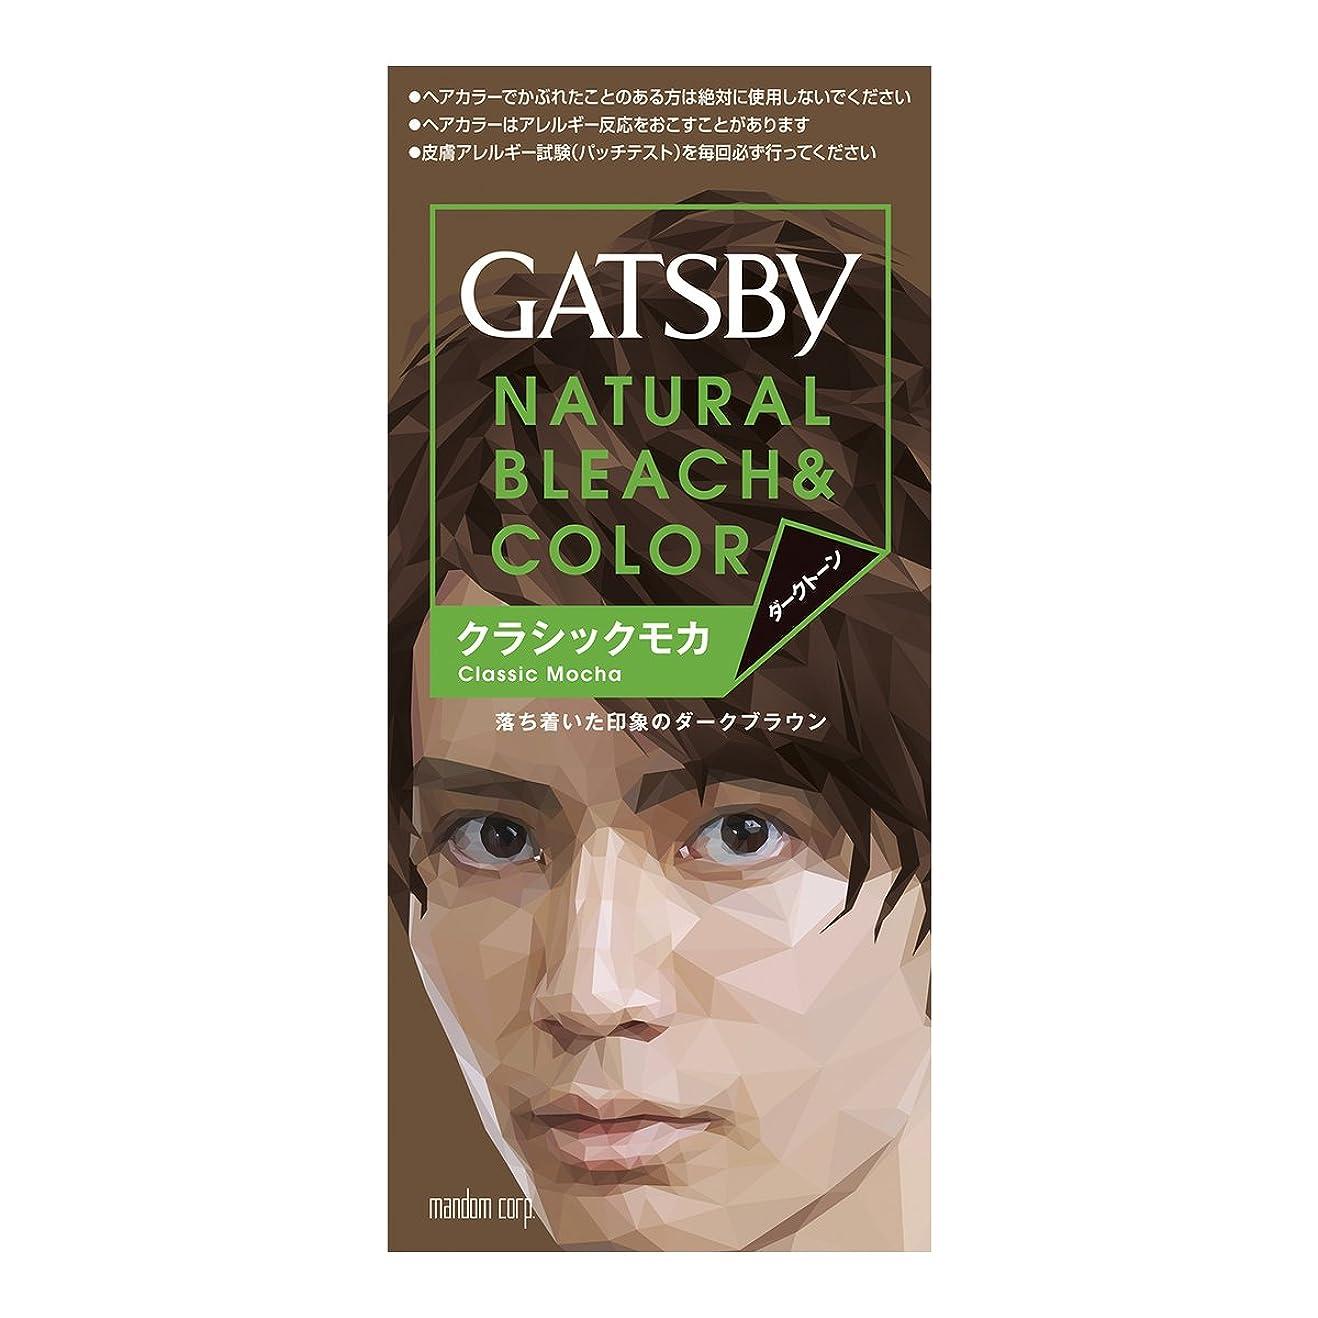 愛人キモい気づくなるGATSBY(ギャツビー) ナチュラルブリーチカラー クラシックモカ 1剤35g 2剤70mL [医薬部外品]